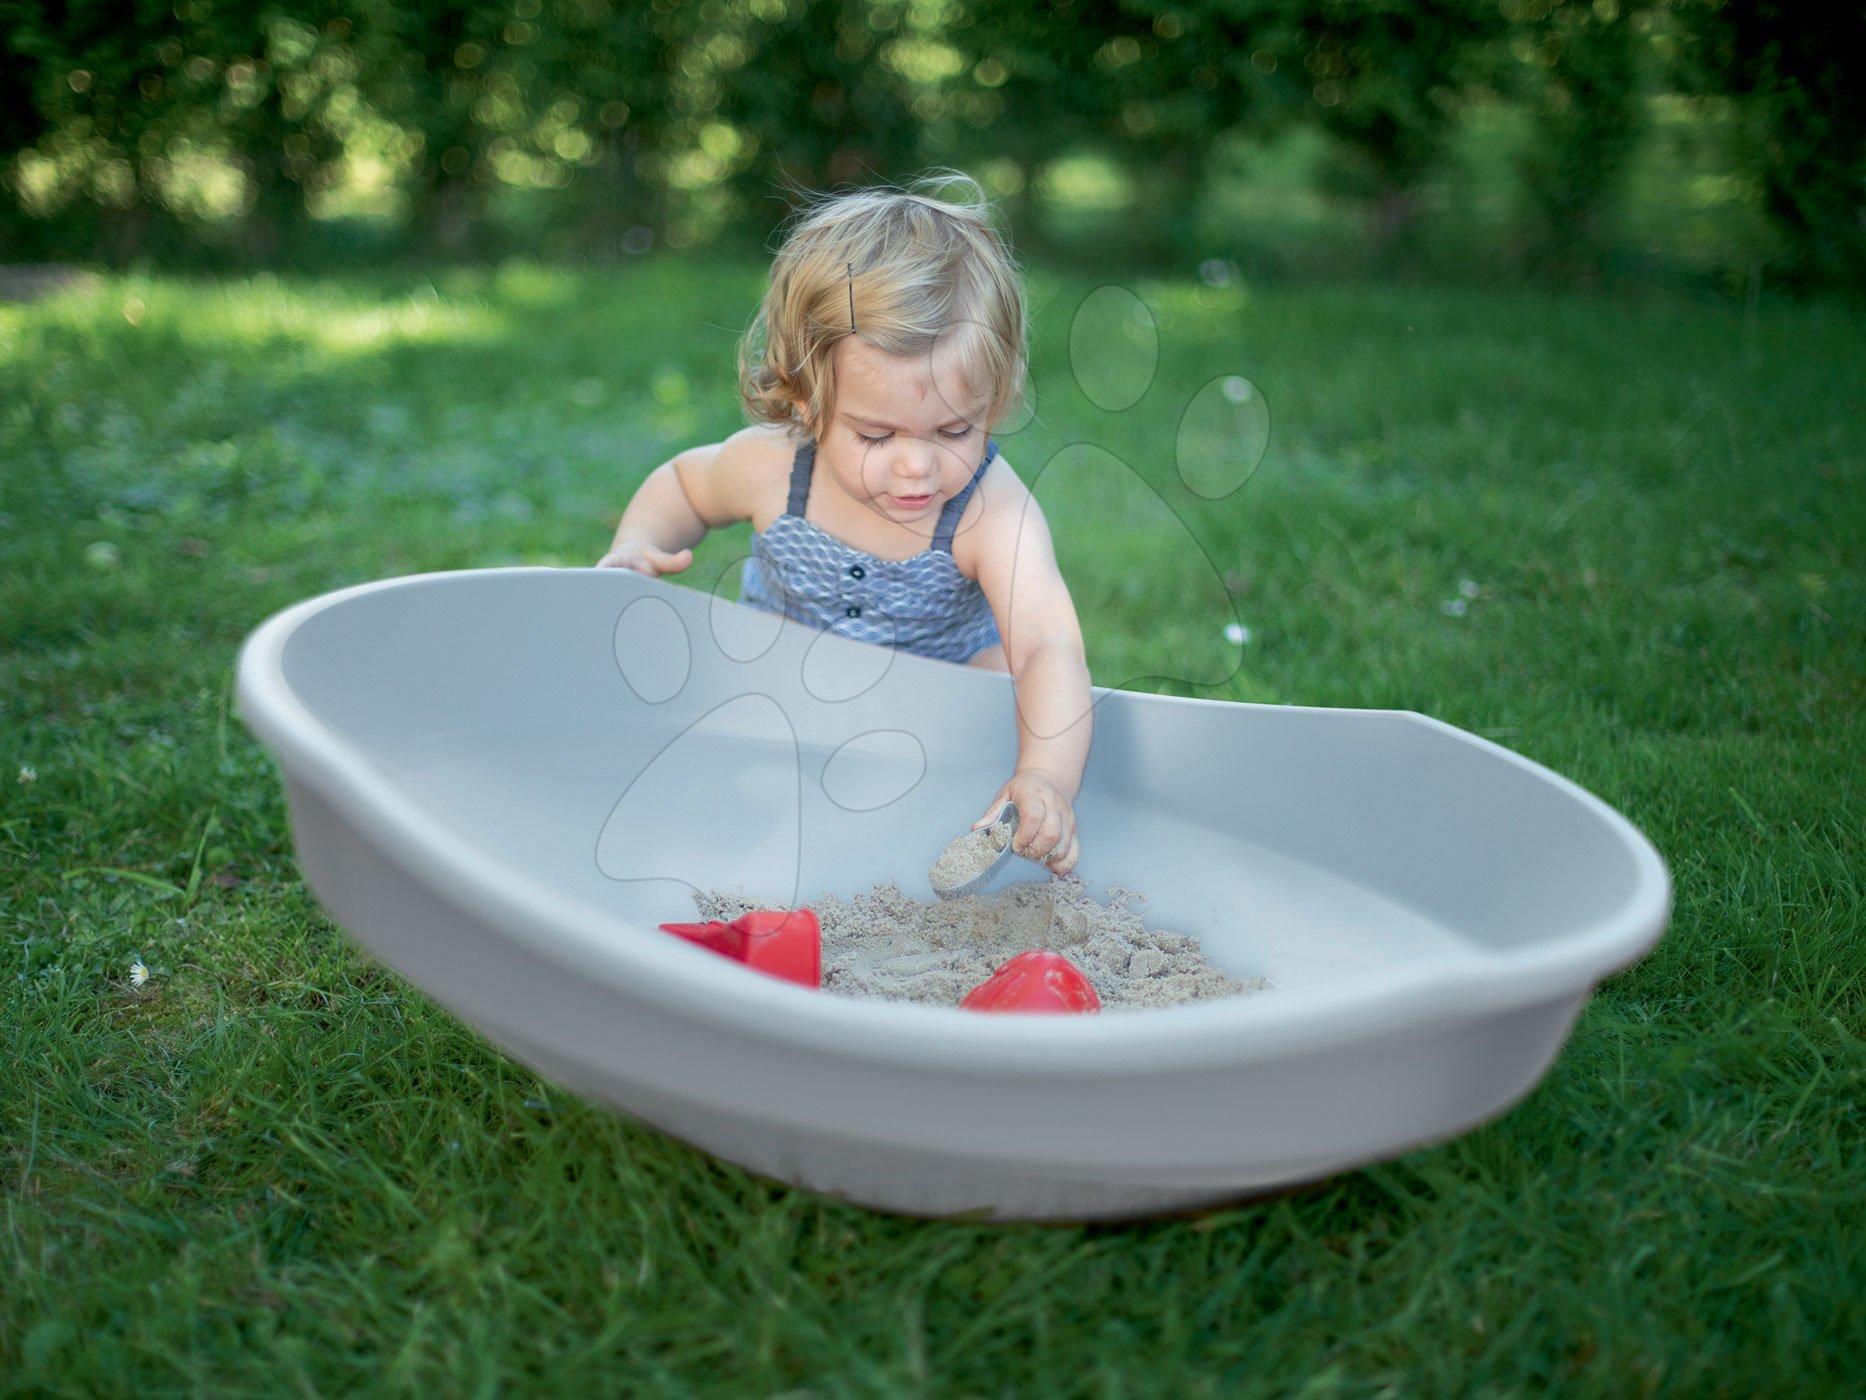 Ravnotežnostna banjica z blazino Cosy BIG gugalnik-toboganček-plezalo-peskovnik-bazen od 12 mes